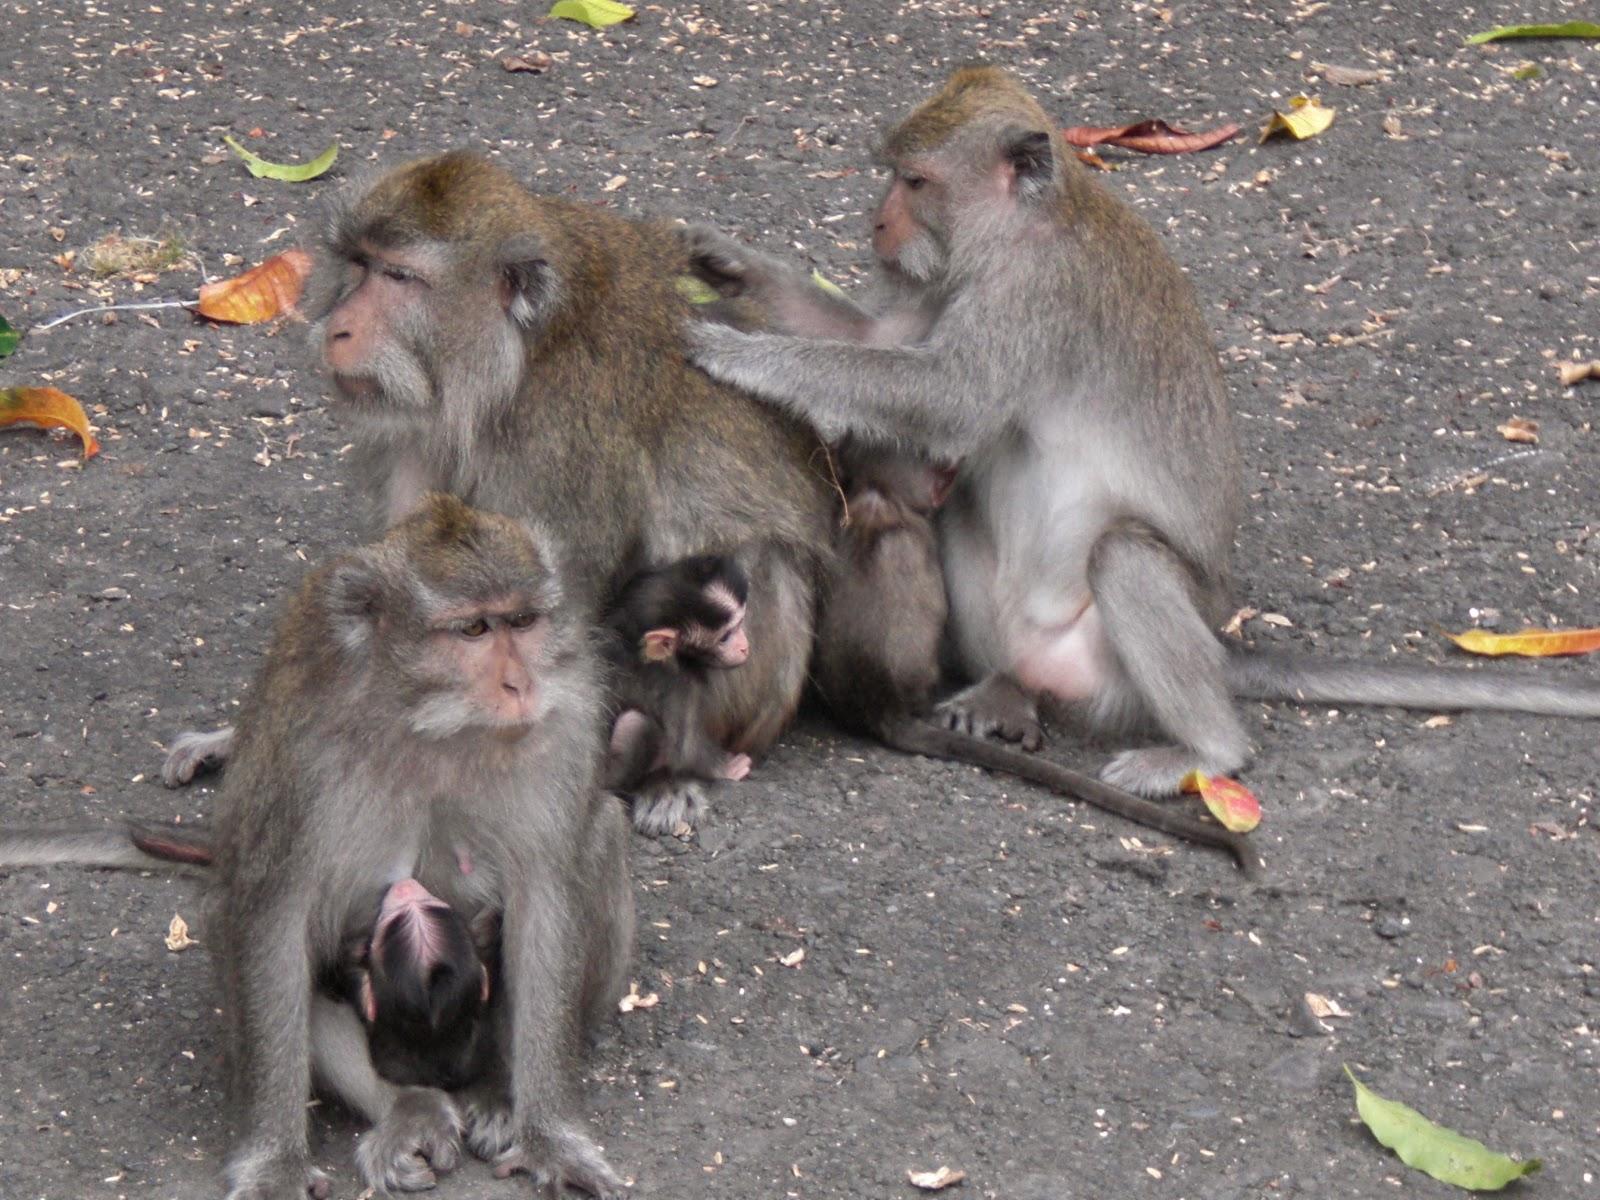 Monyet Bali Sedang Mencari Kutu Ala Urang